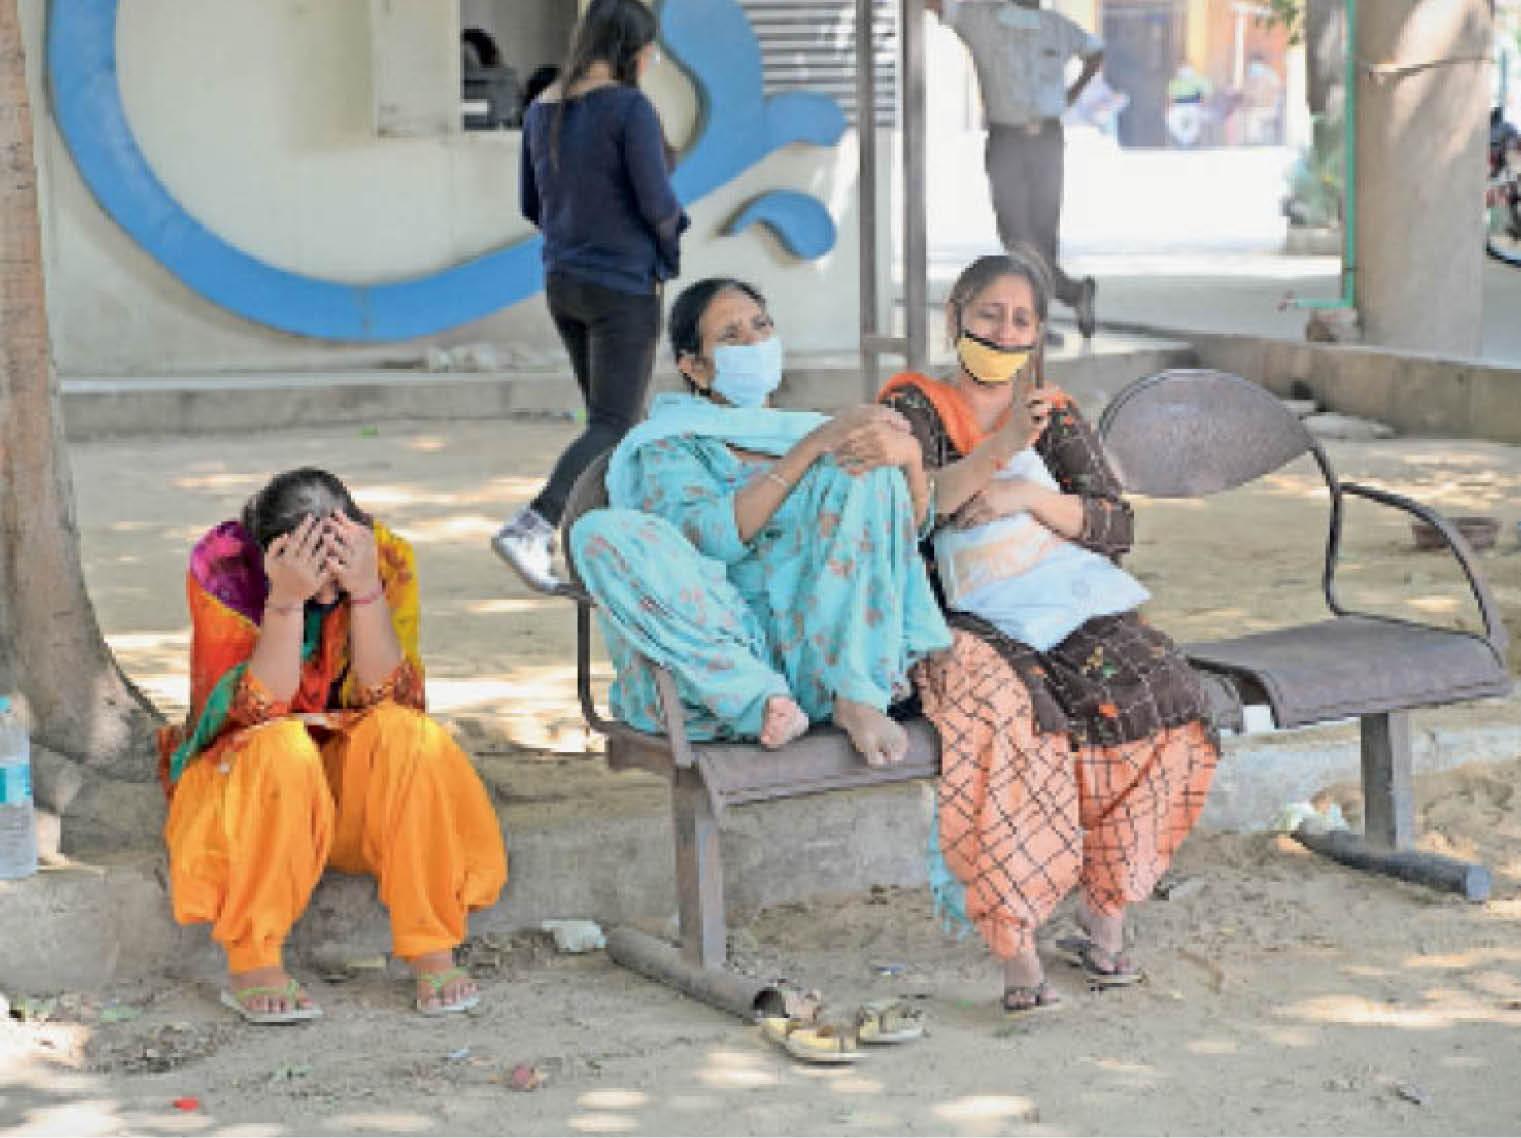 10 साल तक के 22 बच्चे और 20 से 40 साल के 294 लोग पाॅजिटिव; ज्यादातर युवाओं को चेस्ट इंफेक्शन और खांसी बीमार कर रही जालंधर,Jalandhar - Dainik Bhaskar